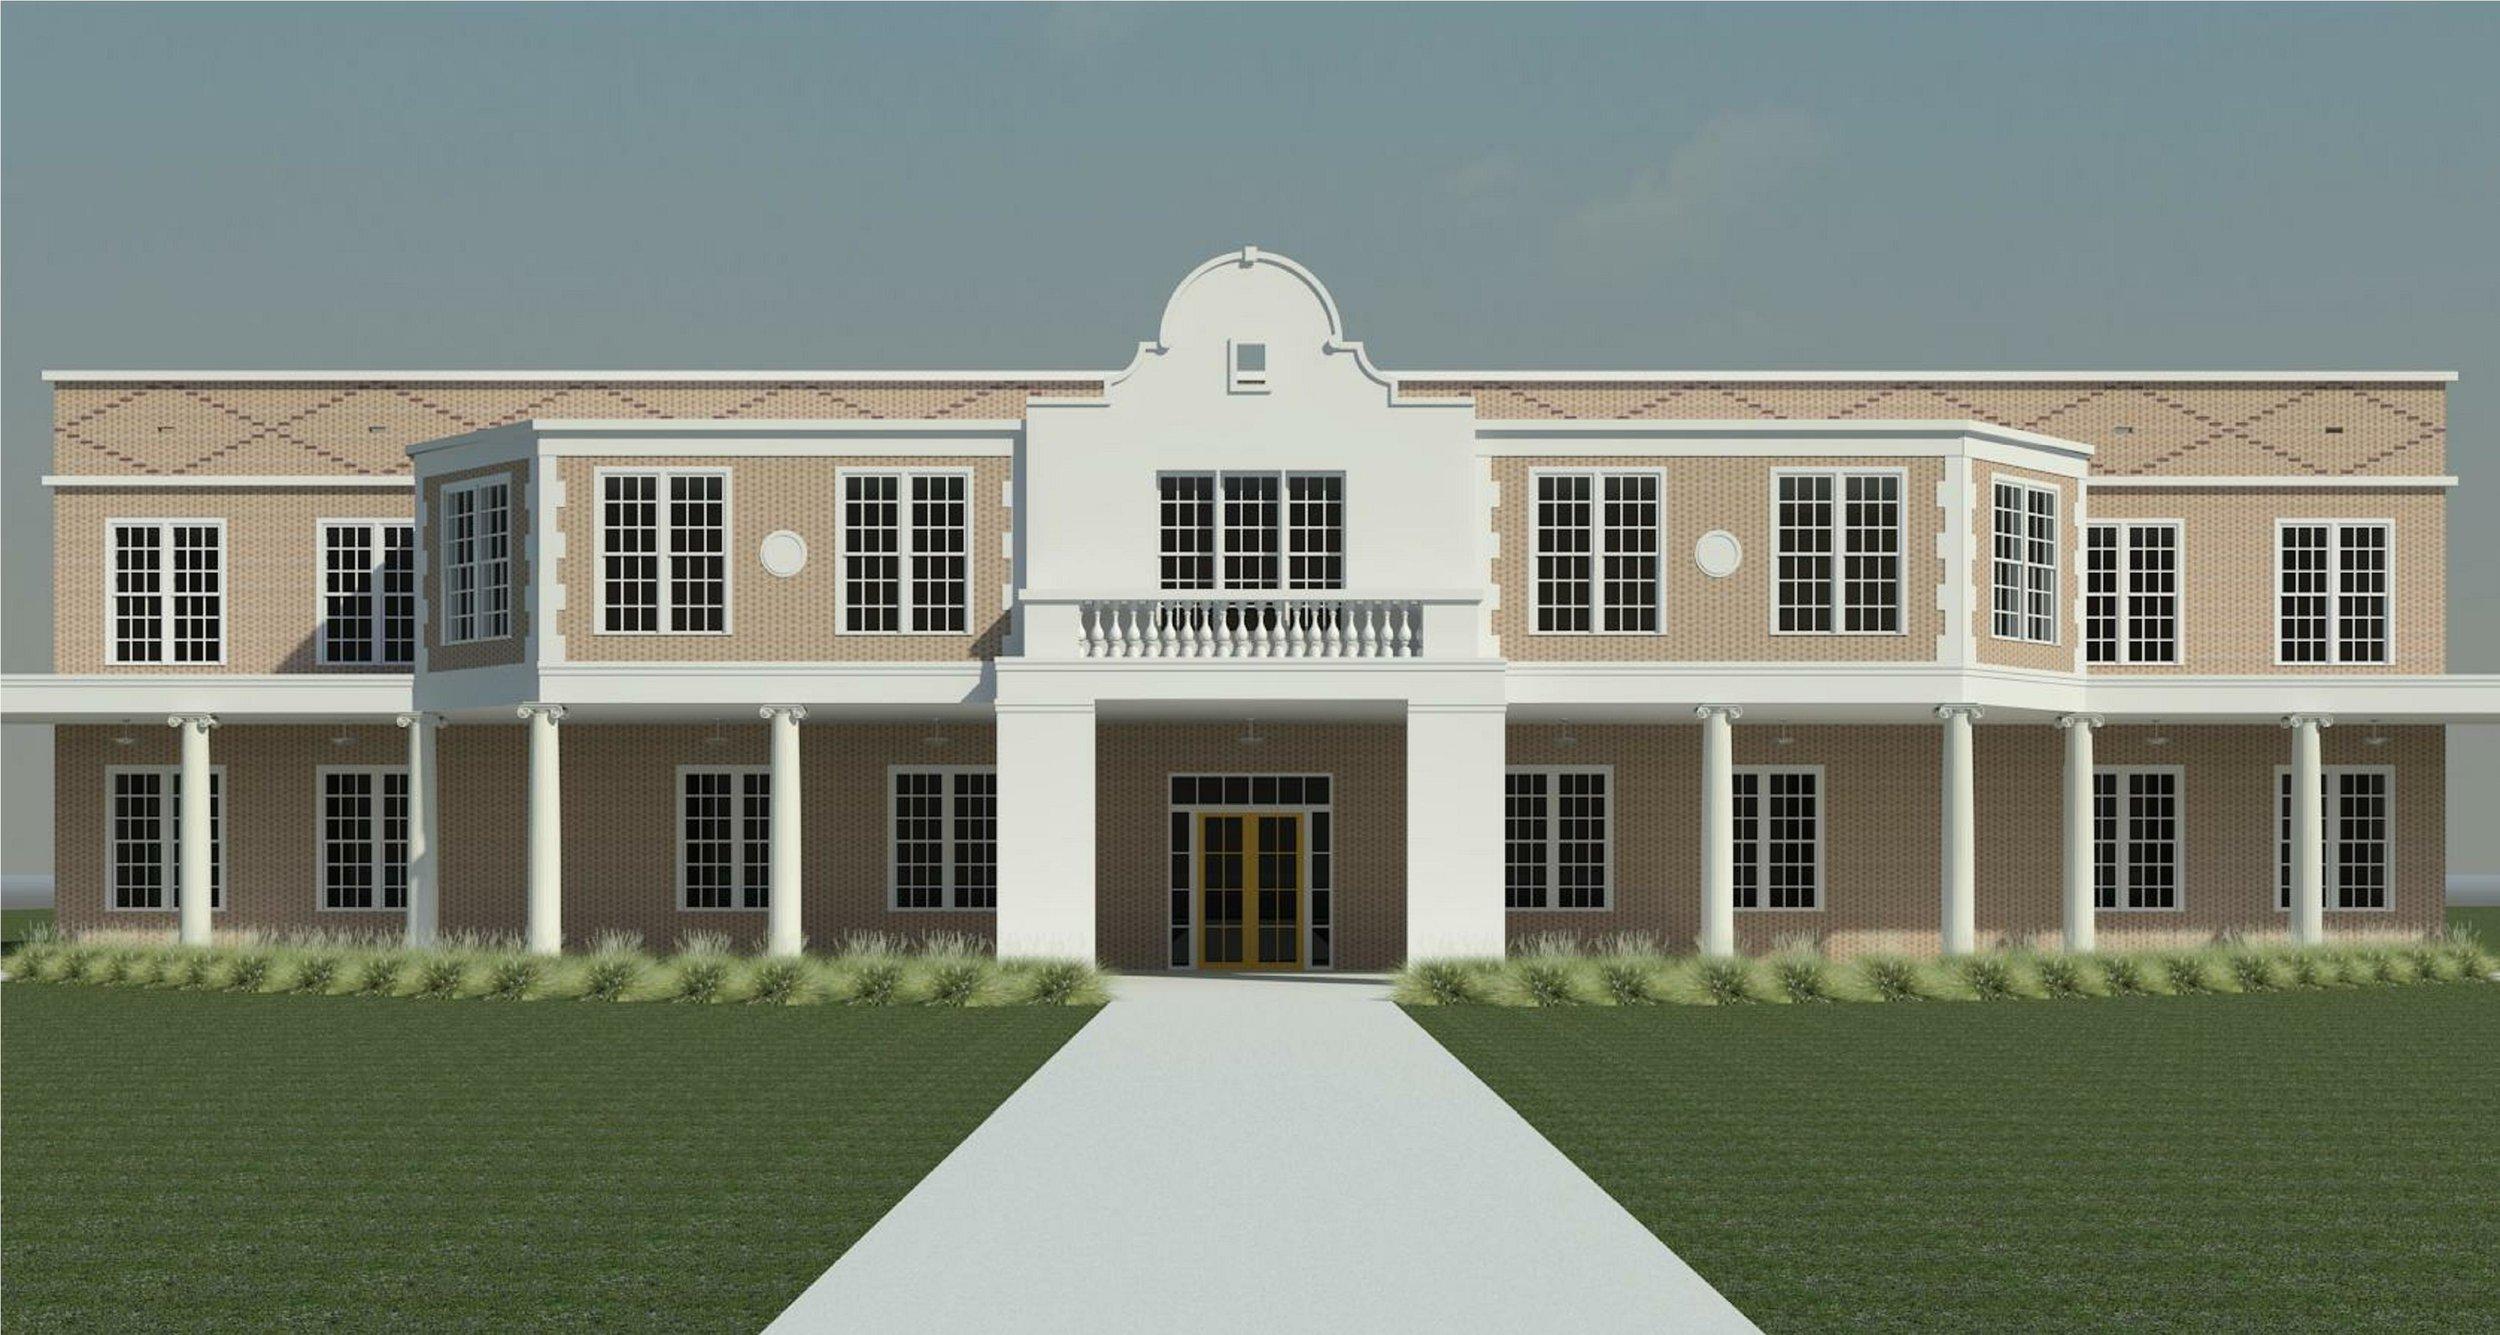 West Facade 1 - rendering.jpg